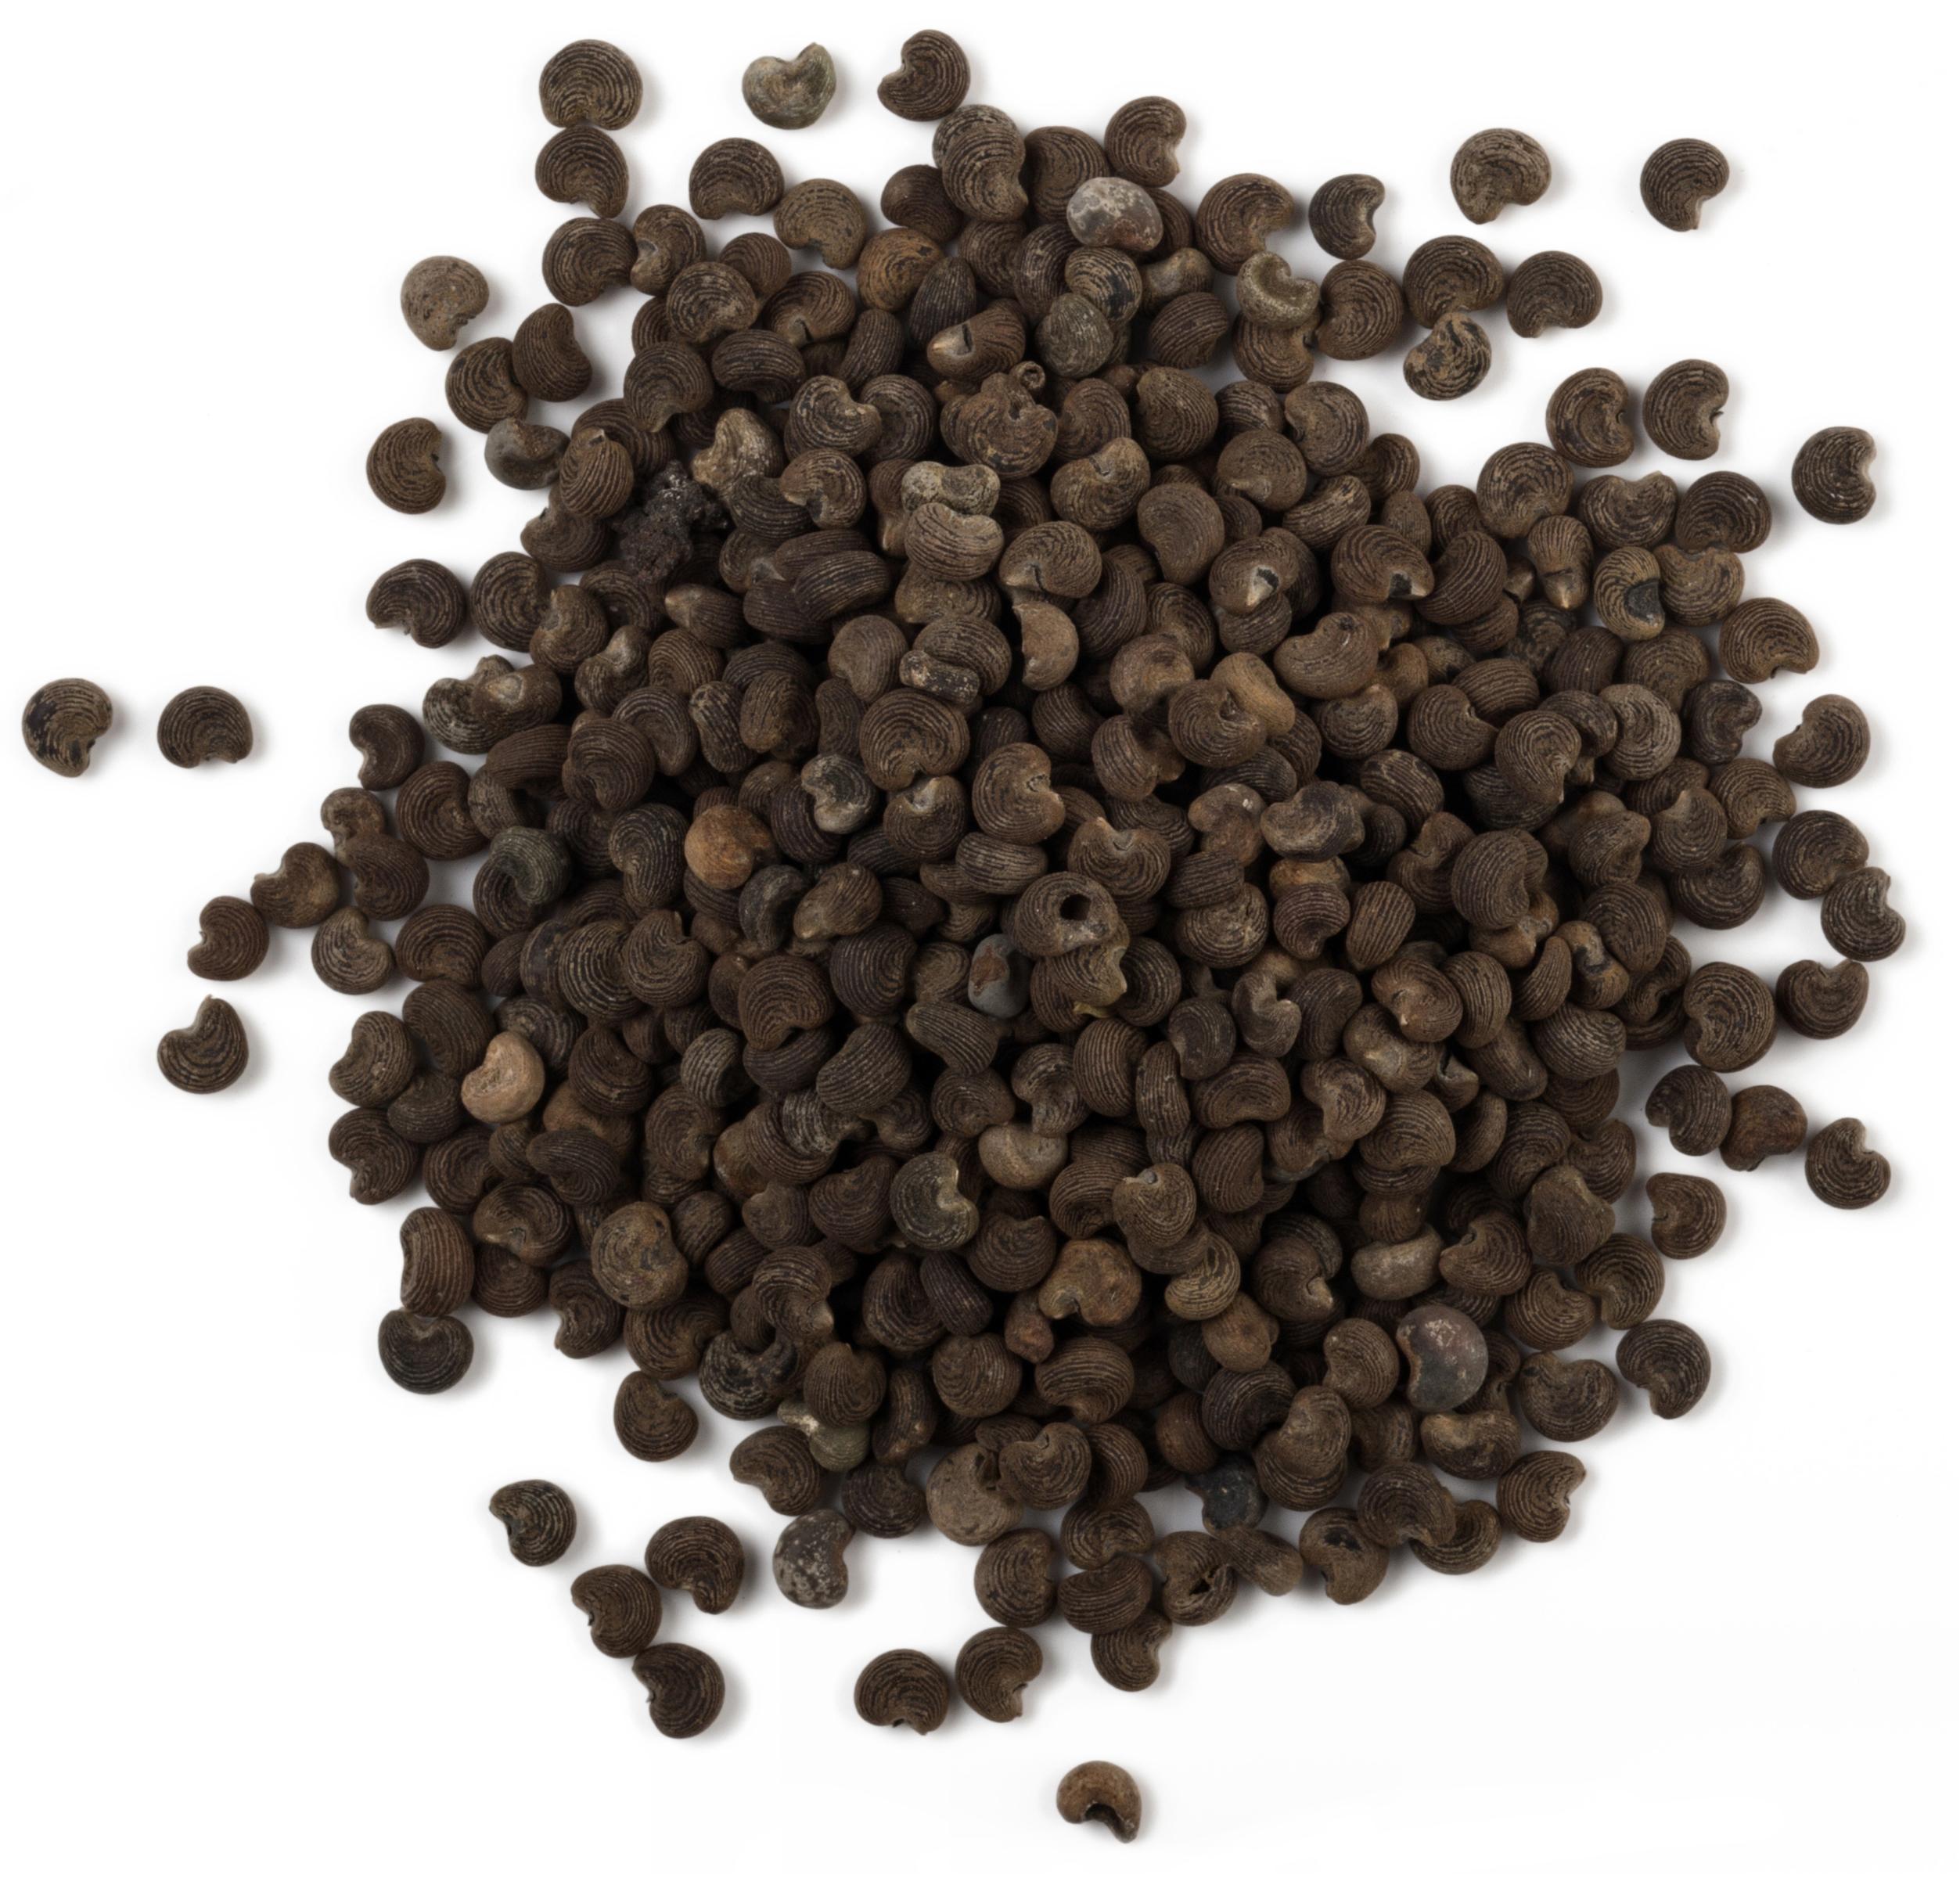 トロロアオイモドキ種子エキス